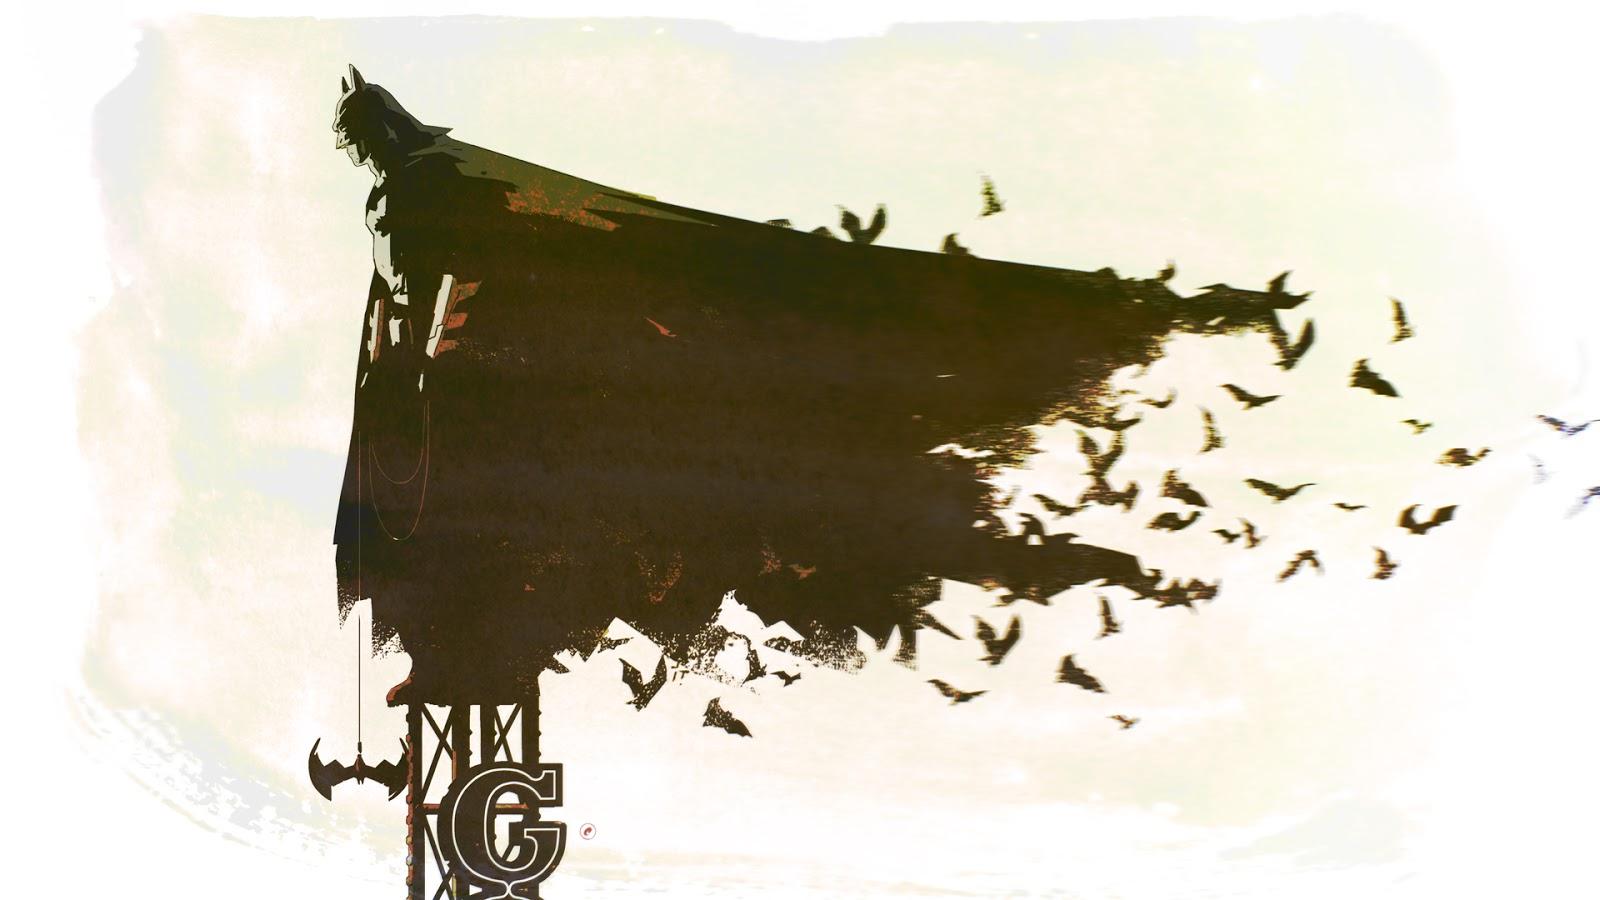 gotham_guardian.jpg (1600×900)